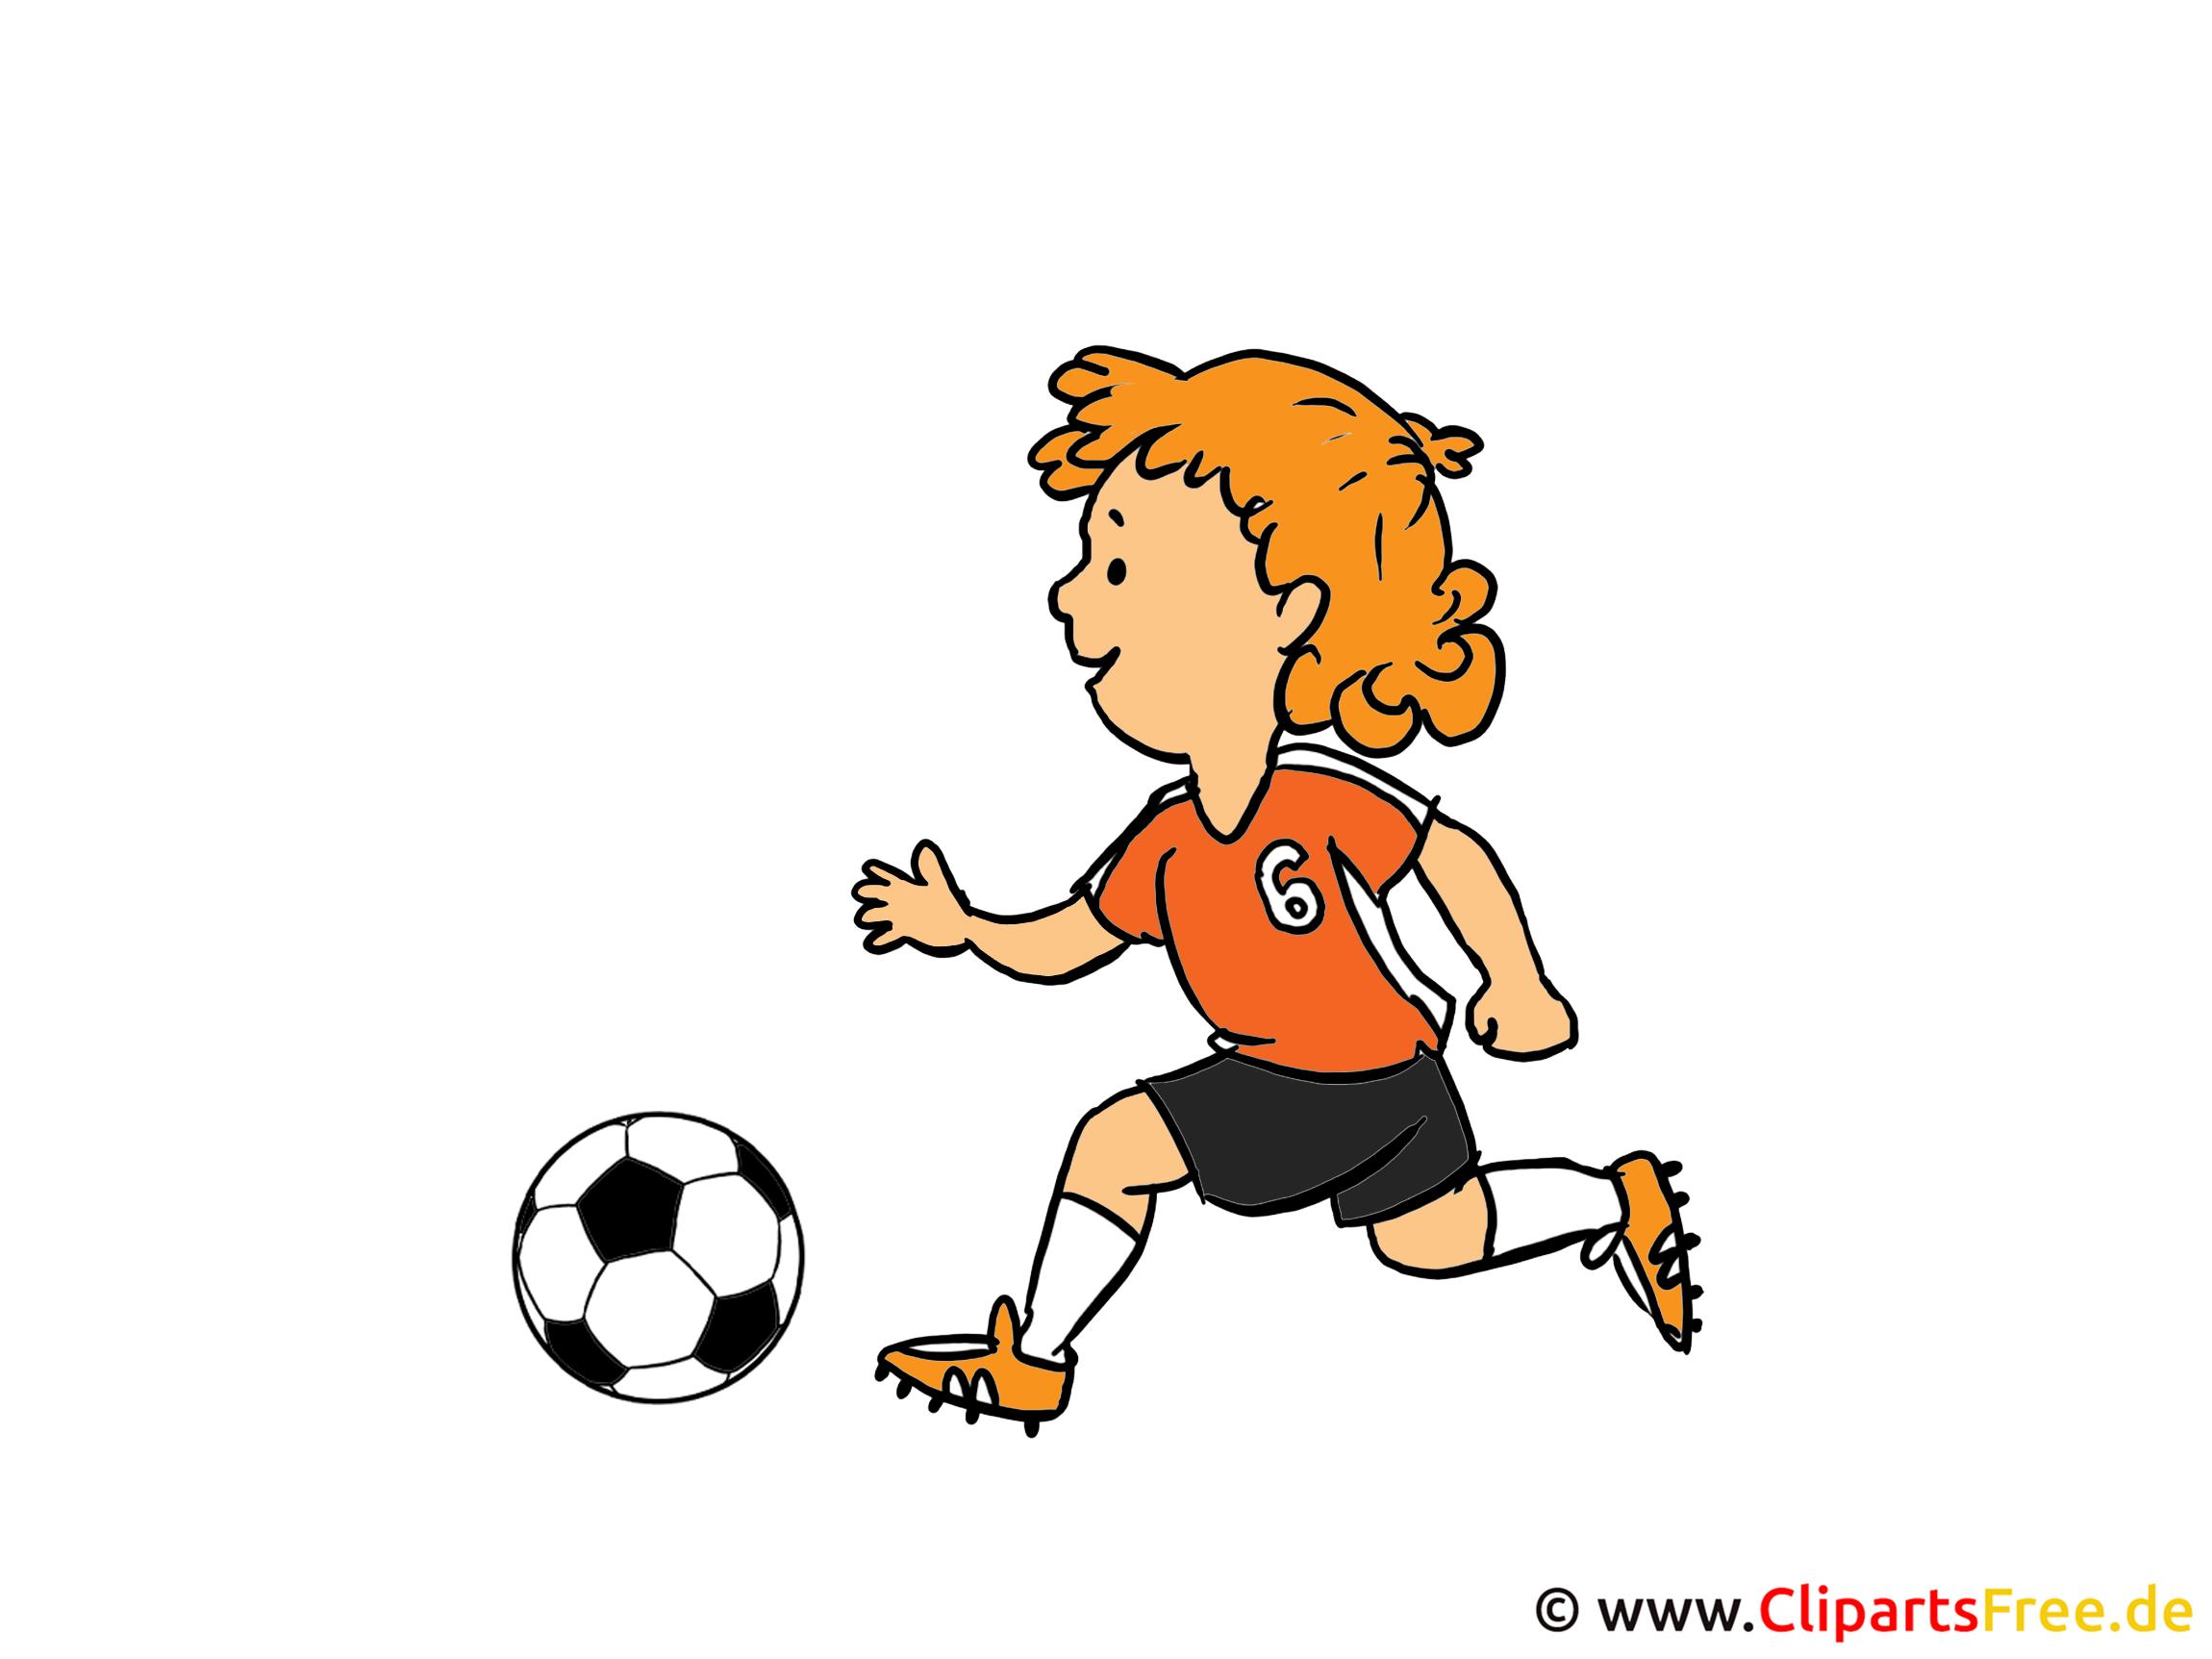 Fussball Clip Art